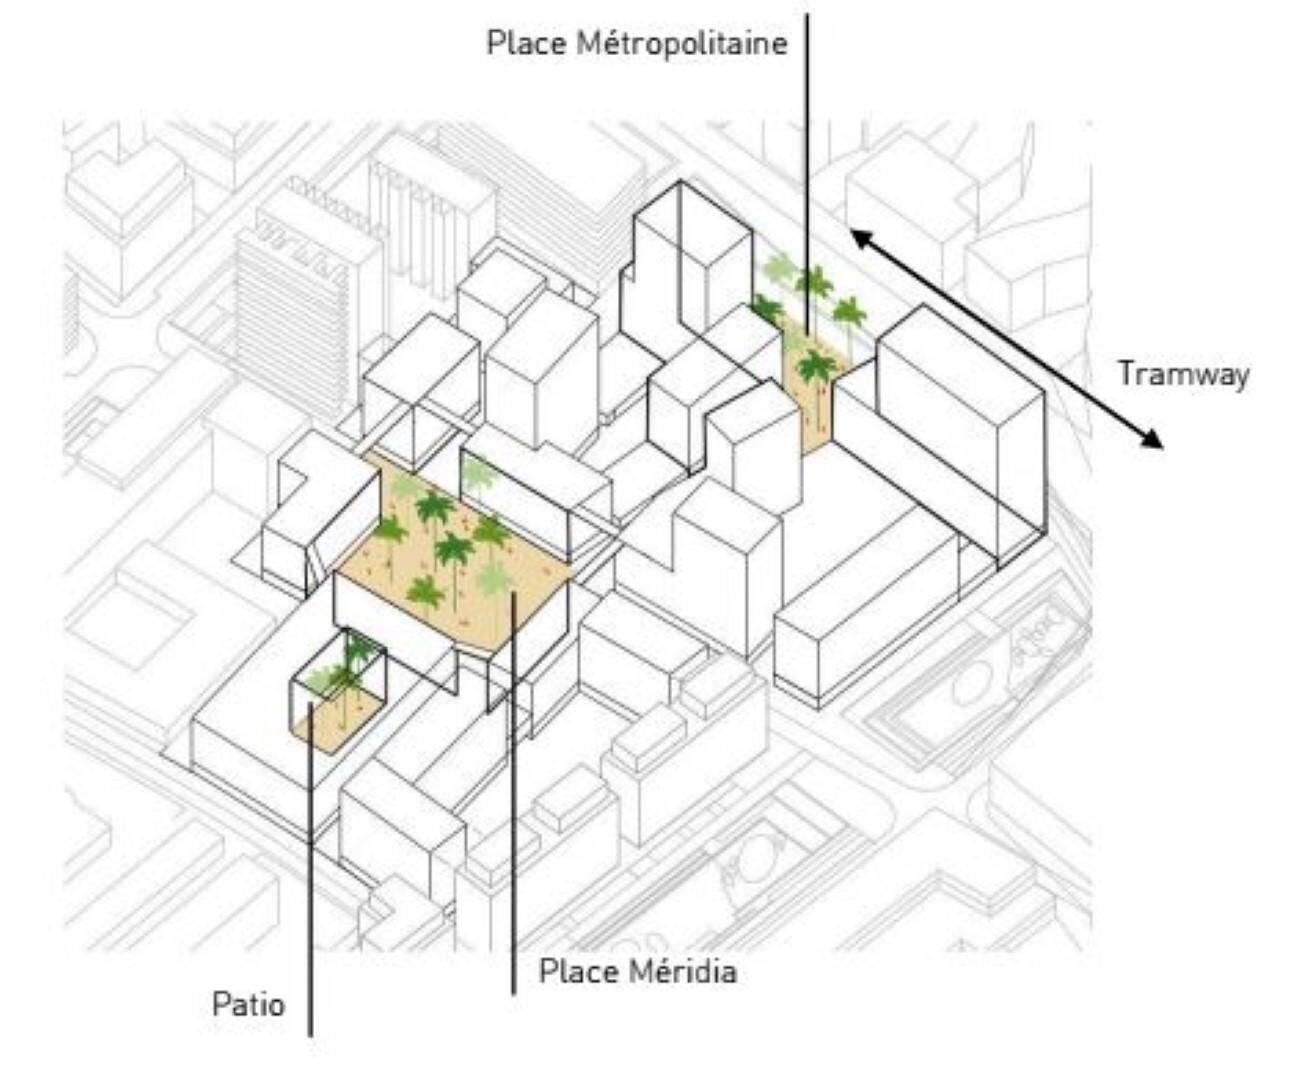 Le projet a été dessiné autour de trois places.